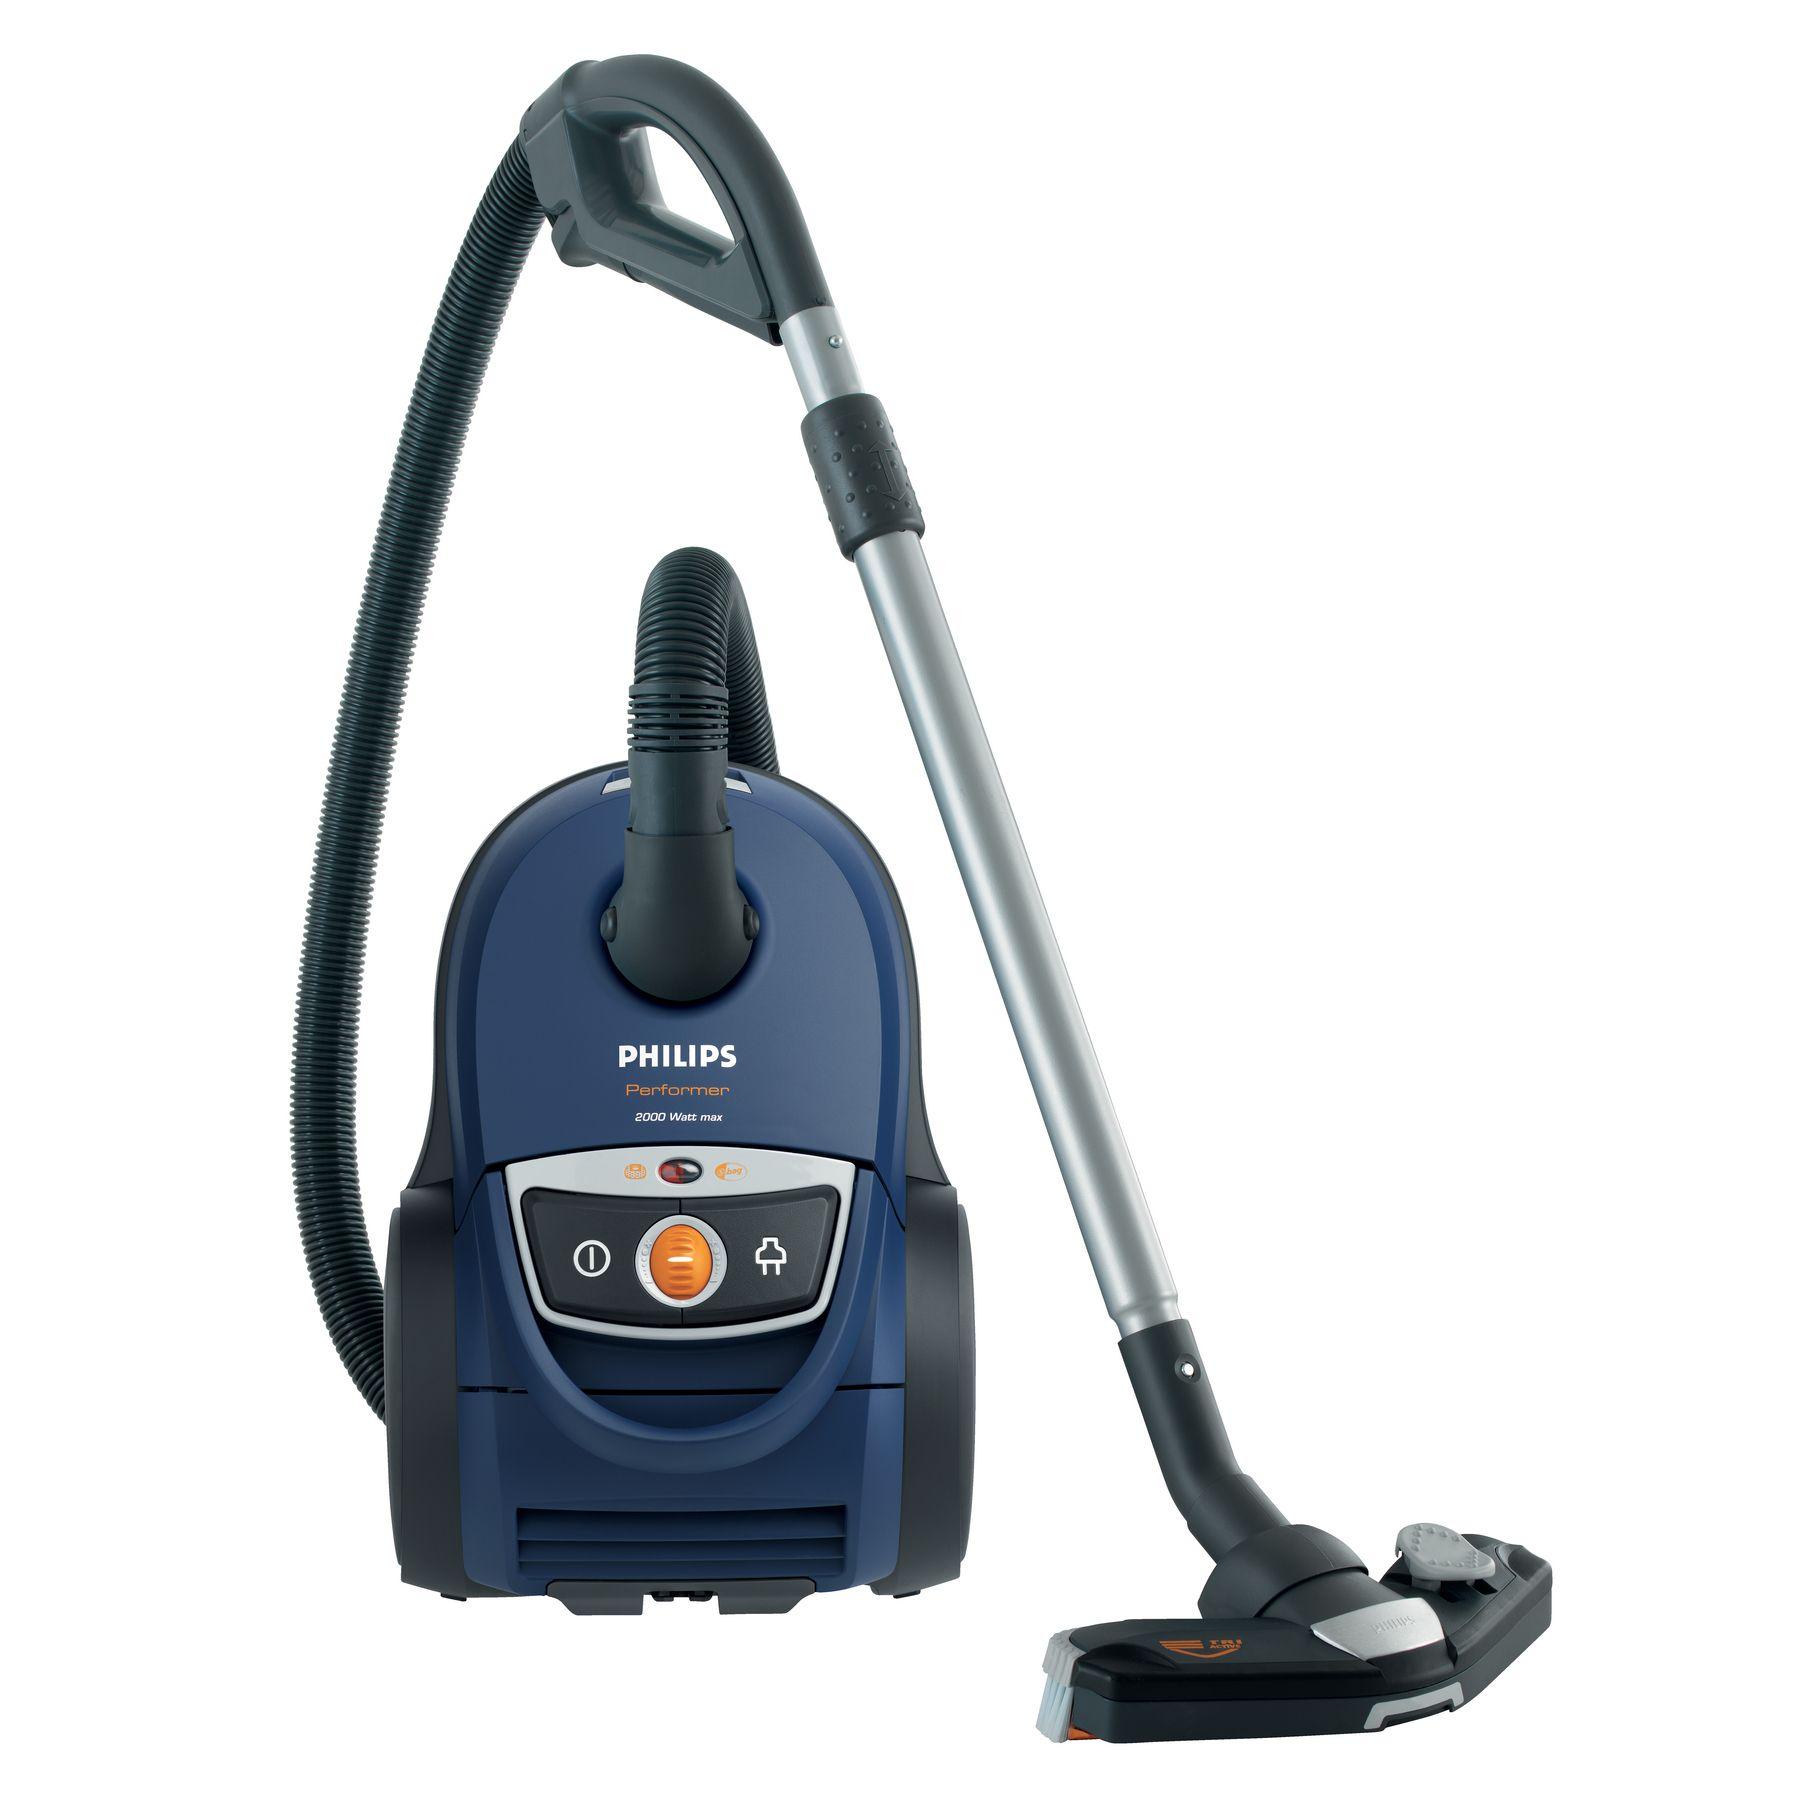 Пылесос Philips FC9150/02Пылесосы<br><br><br>Высота упаковки (мм): 300<br>Длина упаковки (мм): 390<br>Ширина упаковки (мм): 590<br>Артикул: 212757448<br>Бренд: Philips<br>Вес (кг): 6,3<br>Потребляемая мощность (Вт): 2000<br>Тип уборки: сухая<br>Фильтр тонкой очистки: да<br>Регулятор мощности: на корпусе<br>Источник питания: от сети<br>Тип пылесборника: мешок<br>Гарантия производителя: да<br>Мощность всасывания (Вт): 425<br>Длина сетевого шнура (м): 9<br>Уровень шума (дБ): 76<br>Вес упаковки (кг): 9,7<br>Цвет: синий<br>Родина бренда: Нидерладны<br>Срок гарантии (мес.): 24<br>Емкость пылесборника (л): 4<br>Управление мощностью всасывания: да<br>Расположение регулятора мощности: на корпусе<br>Автосматывание сетевого шнура: да<br>Индикатор заполнения пылесборника: есть<br>Трубка: телескопическая<br>Тип пылесоса: обычный<br>Место для хранения насадок: нет<br>Материал трубки: металл<br>Фильтрация воздуха: фильтр тонкой очистки<br>Вертикальное хранение трубки: есть<br>Насадки: универсальная, щелевая